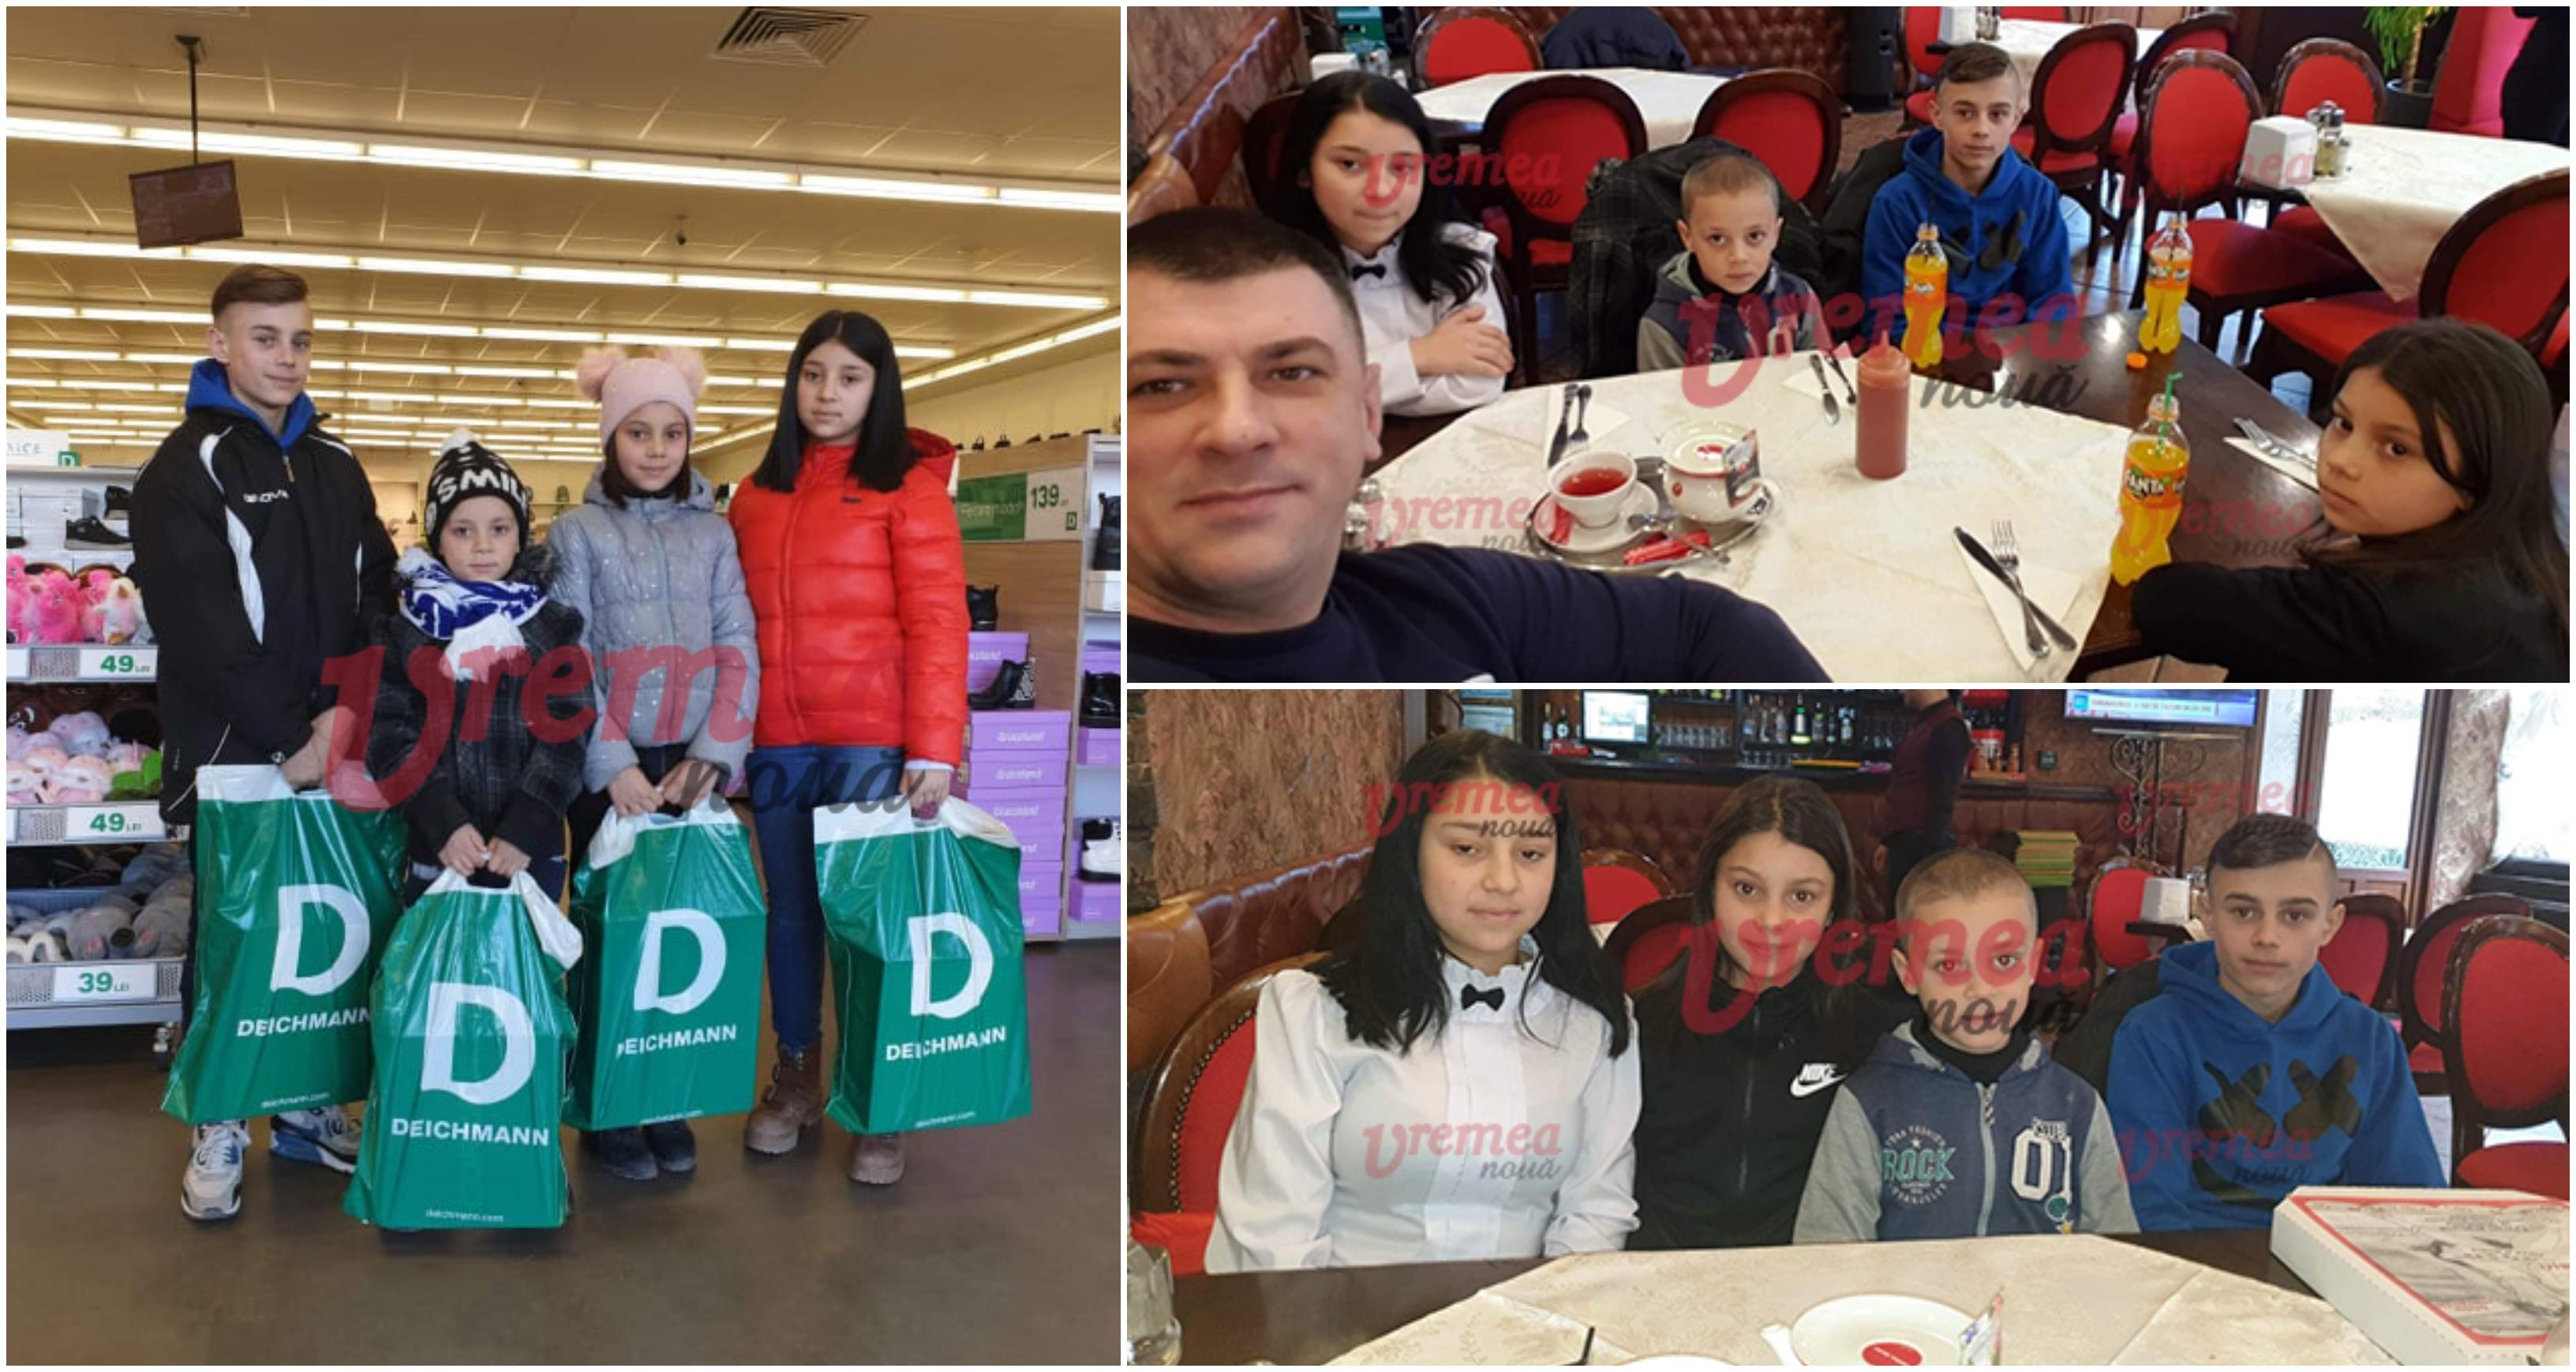 Un vasluian a facut fericiti 4 copii necajiti, de ziua lui de nastere. Le-a cumparat haine si i-a dus la film | Demamici.ro